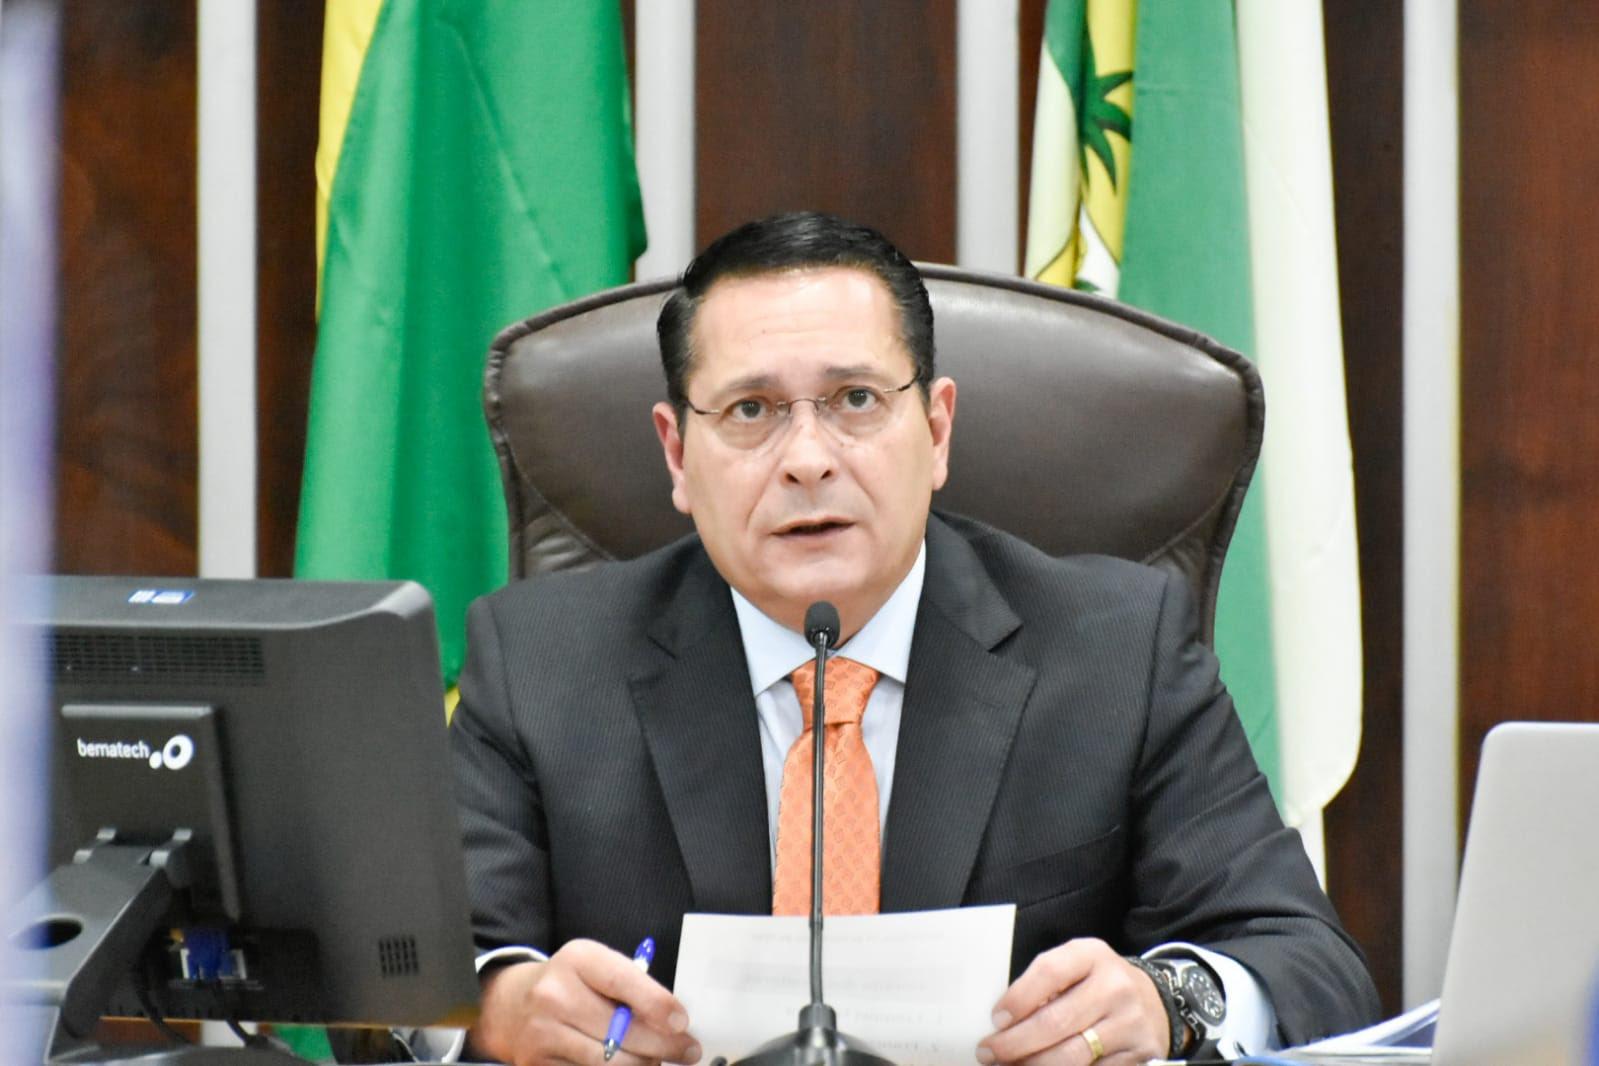 Presidente da Assembleia anuncia licitação do Projeto Seridó e recuperação de barragem